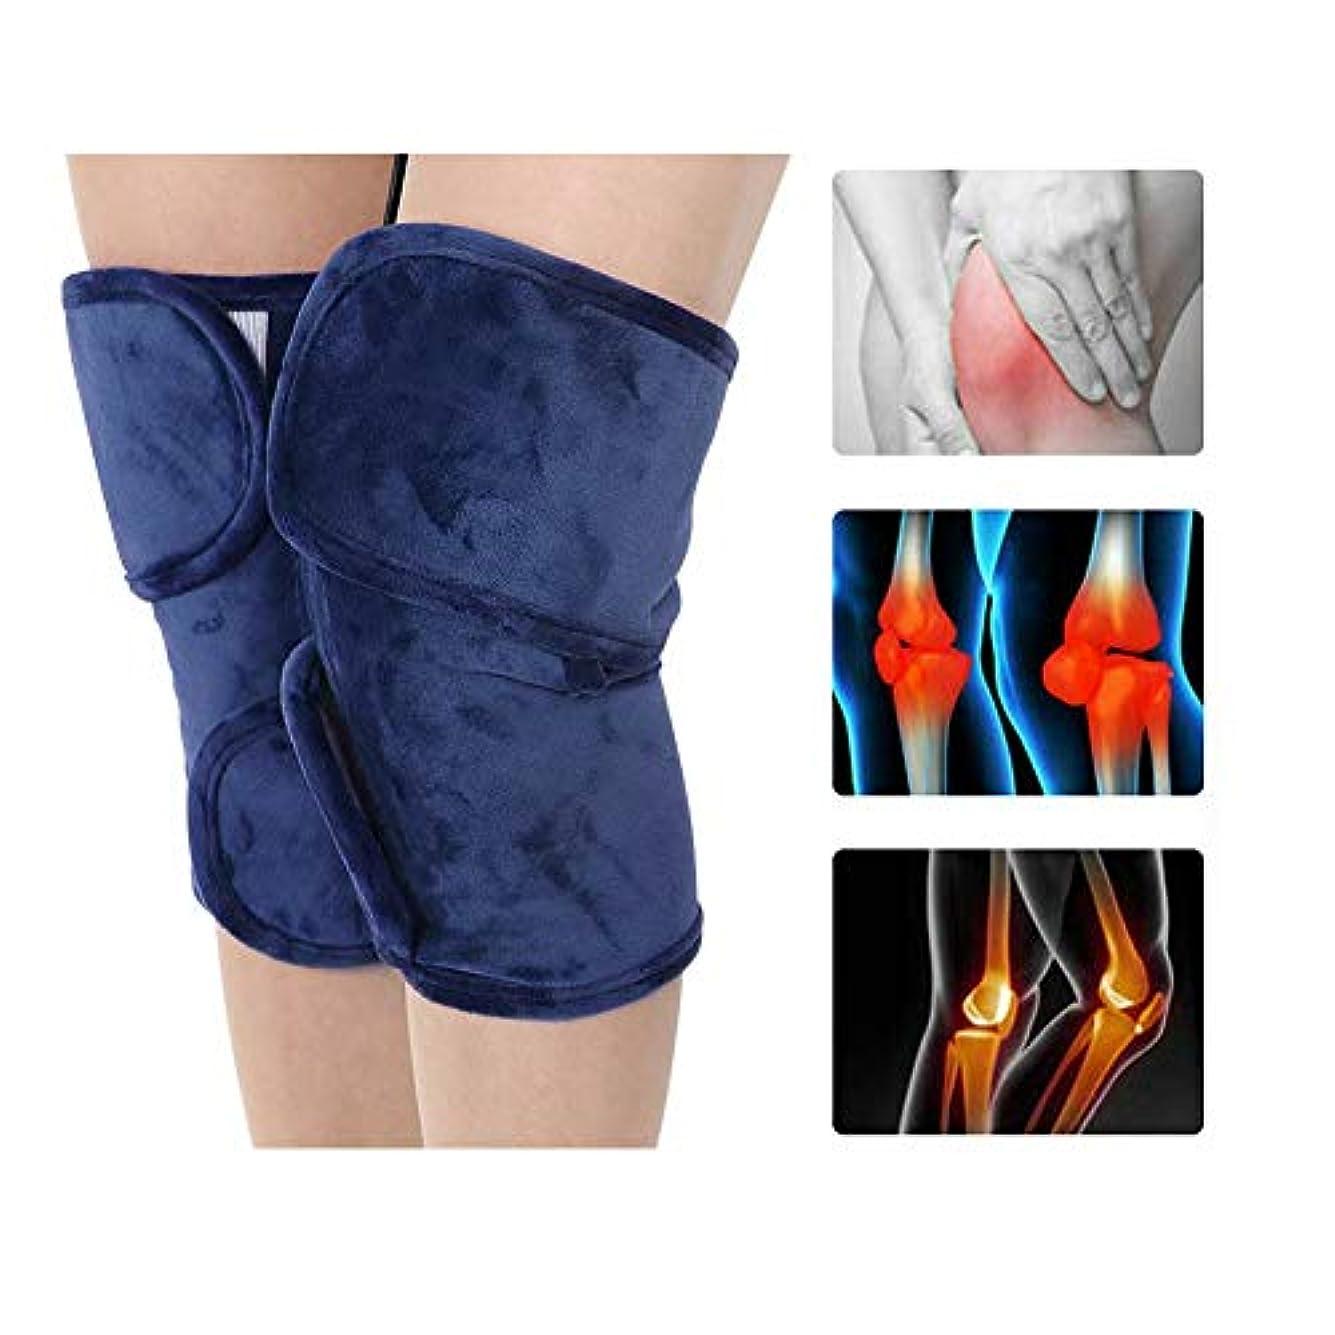 コットン収入挑発する電気加熱膝ブレースサポート - 膝温かいラップパッド療法ホット関節炎膝の痛みのための熱い圧縮,Blue